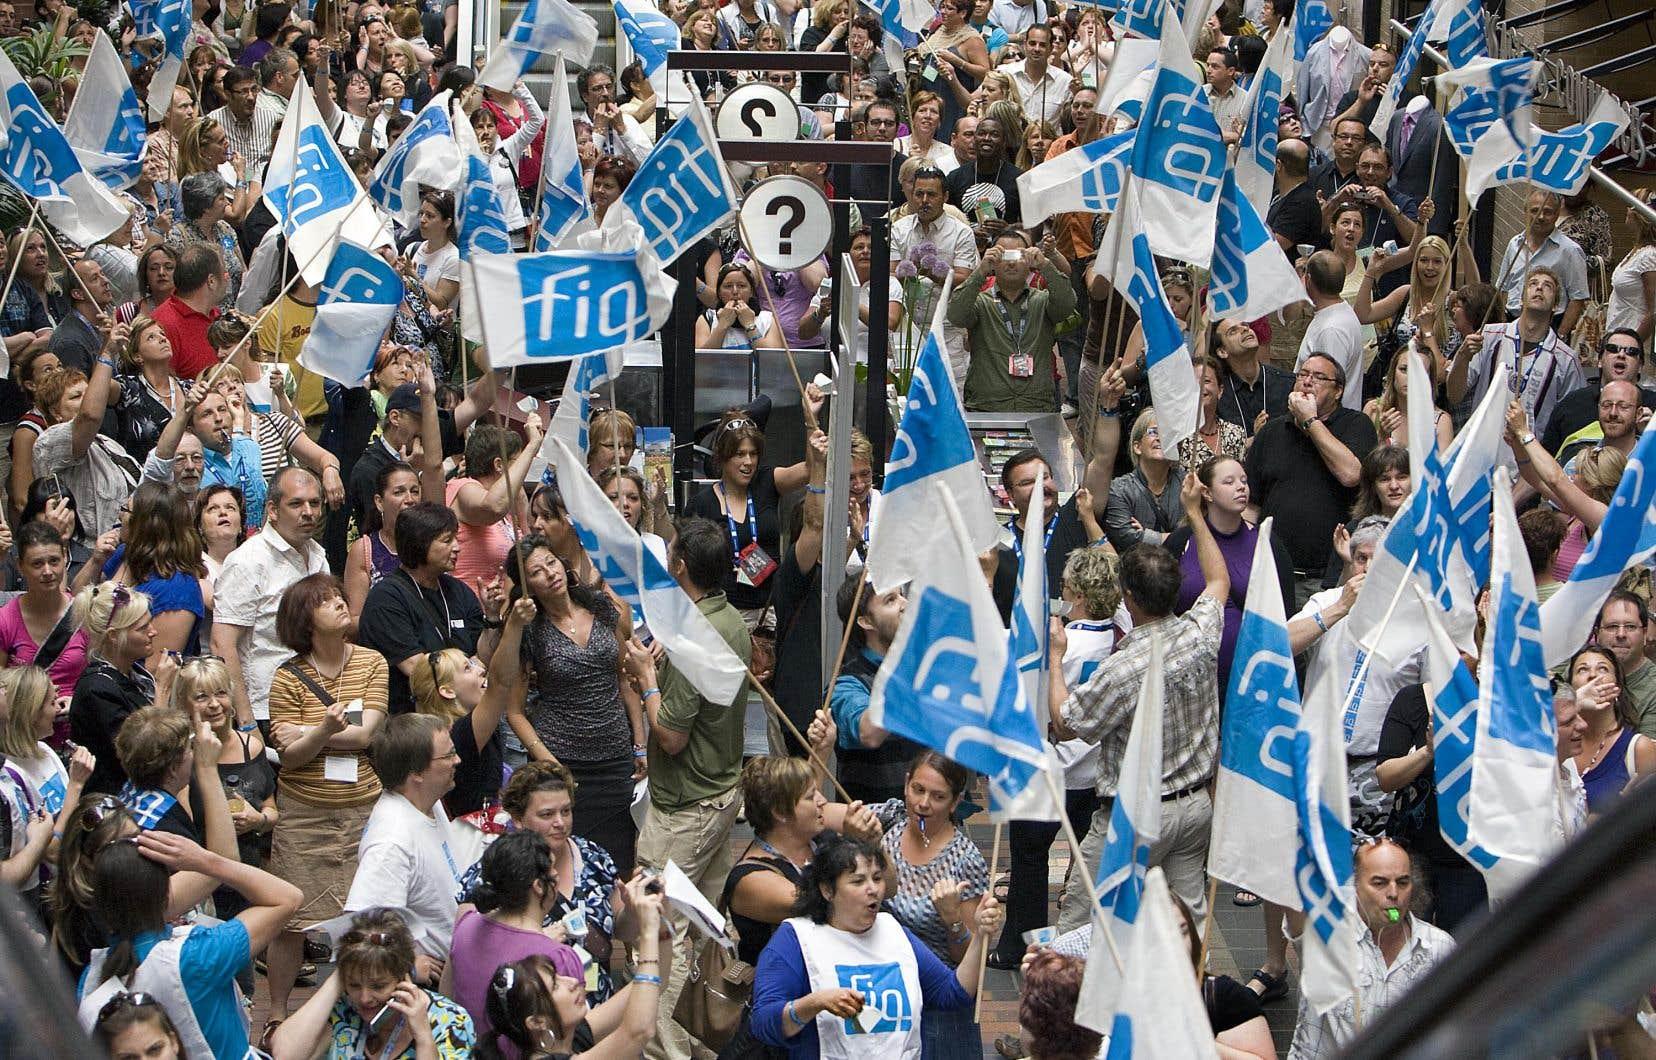 Dans l'ensemble, les partis ignorent plus ou moins la crise des infirmières et des ressources humaines dans le milieu de la santé. Sur notre photo, une manifestation de la Fédération des infirmières du Québec.